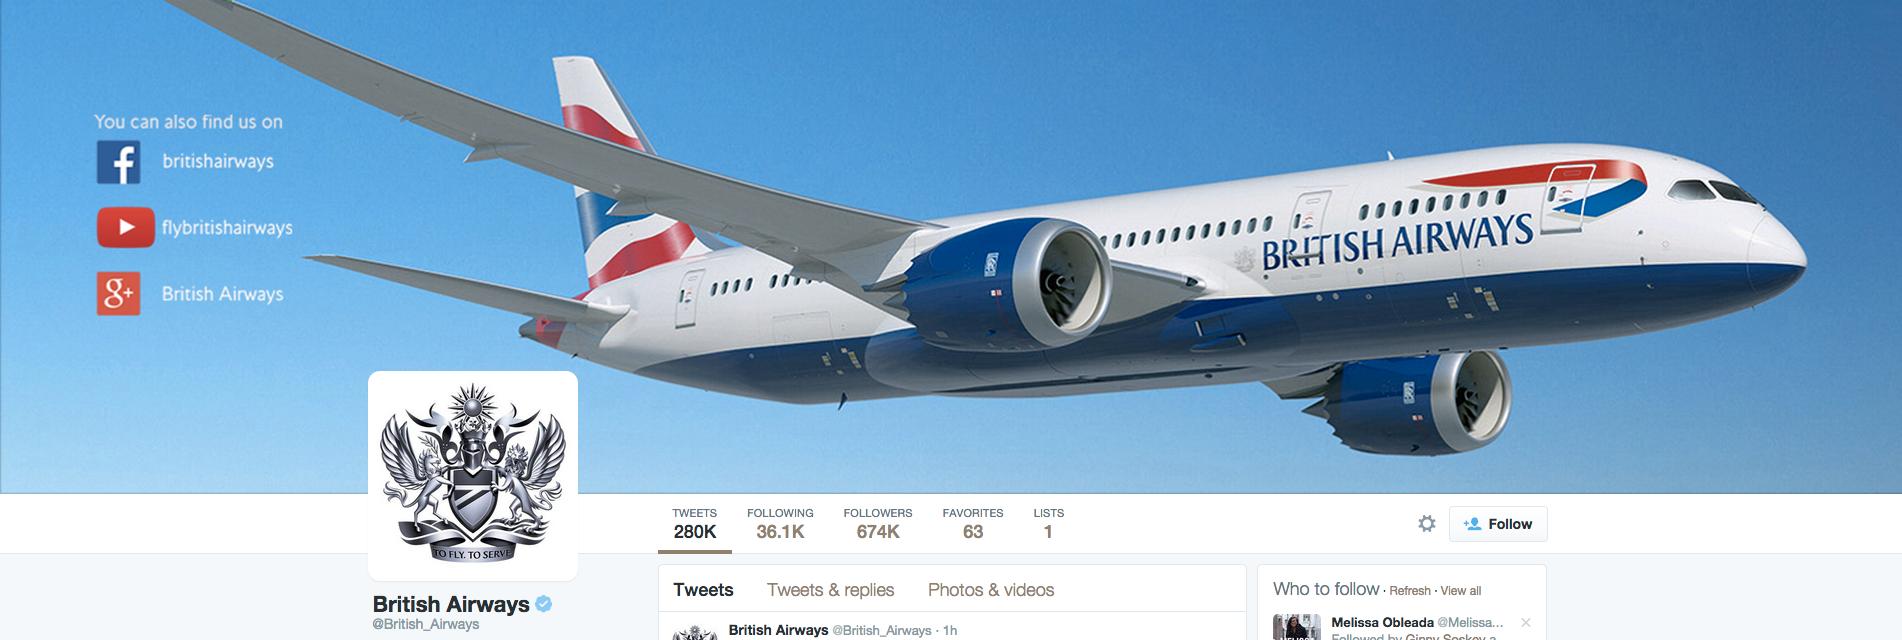 British_Airways_Twitter.png